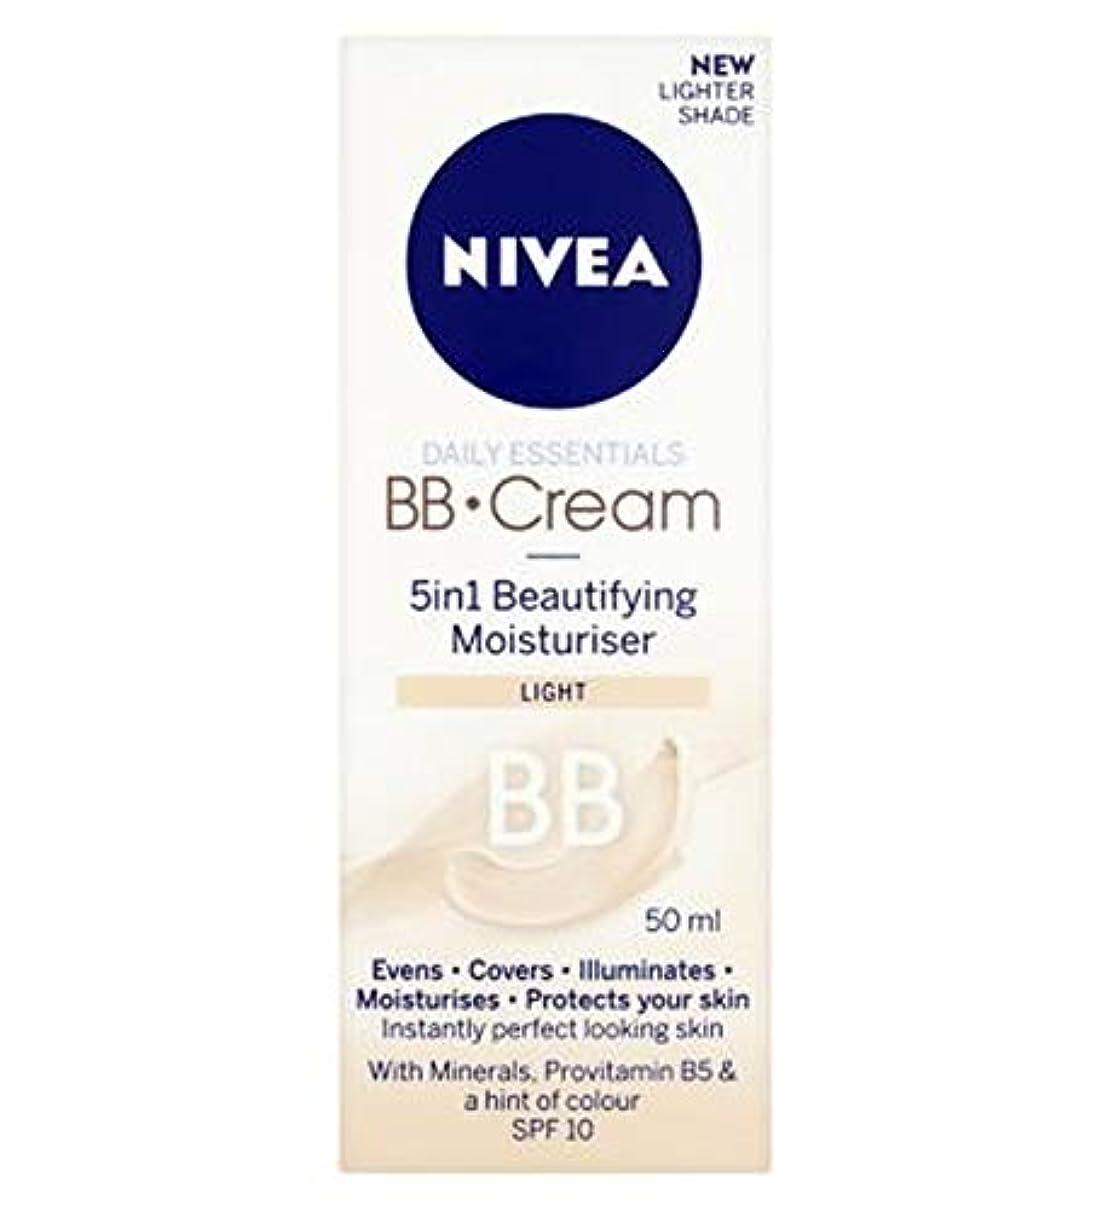 夢超高層ビルキャラバン[Nivea ] 1つの美容保湿光50ミリリットルでNivea?日常必需品のBbクリーム5 - Nivea? Daily Essentials Bb Cream 5 In 1 Beautifying Moisturiser...